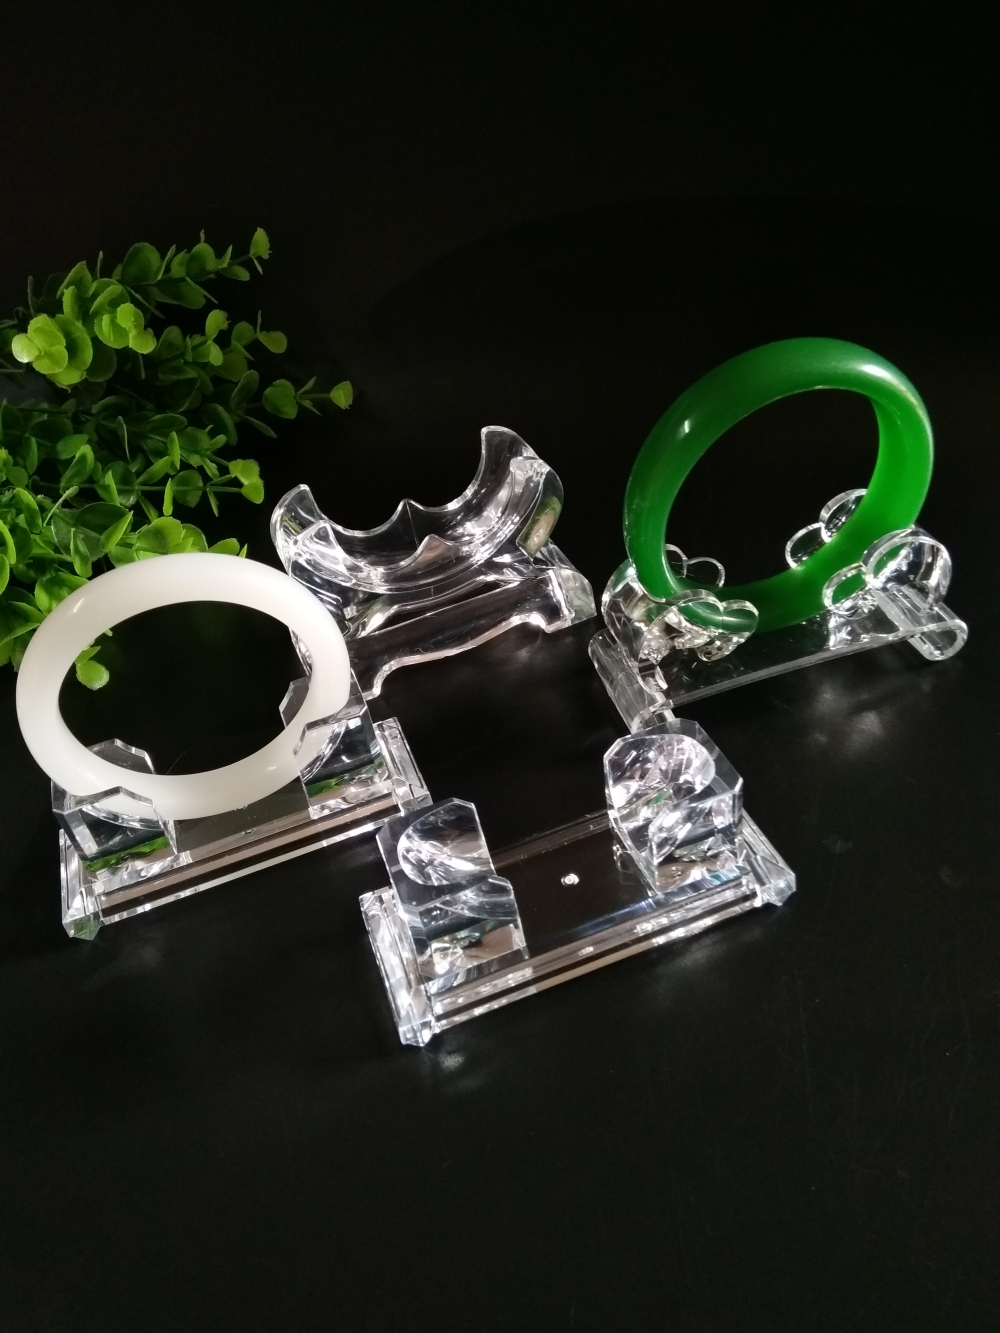 手镯展示架透明亚克力翡翠珠宝首饰架玉器手链手串展示道具托底座